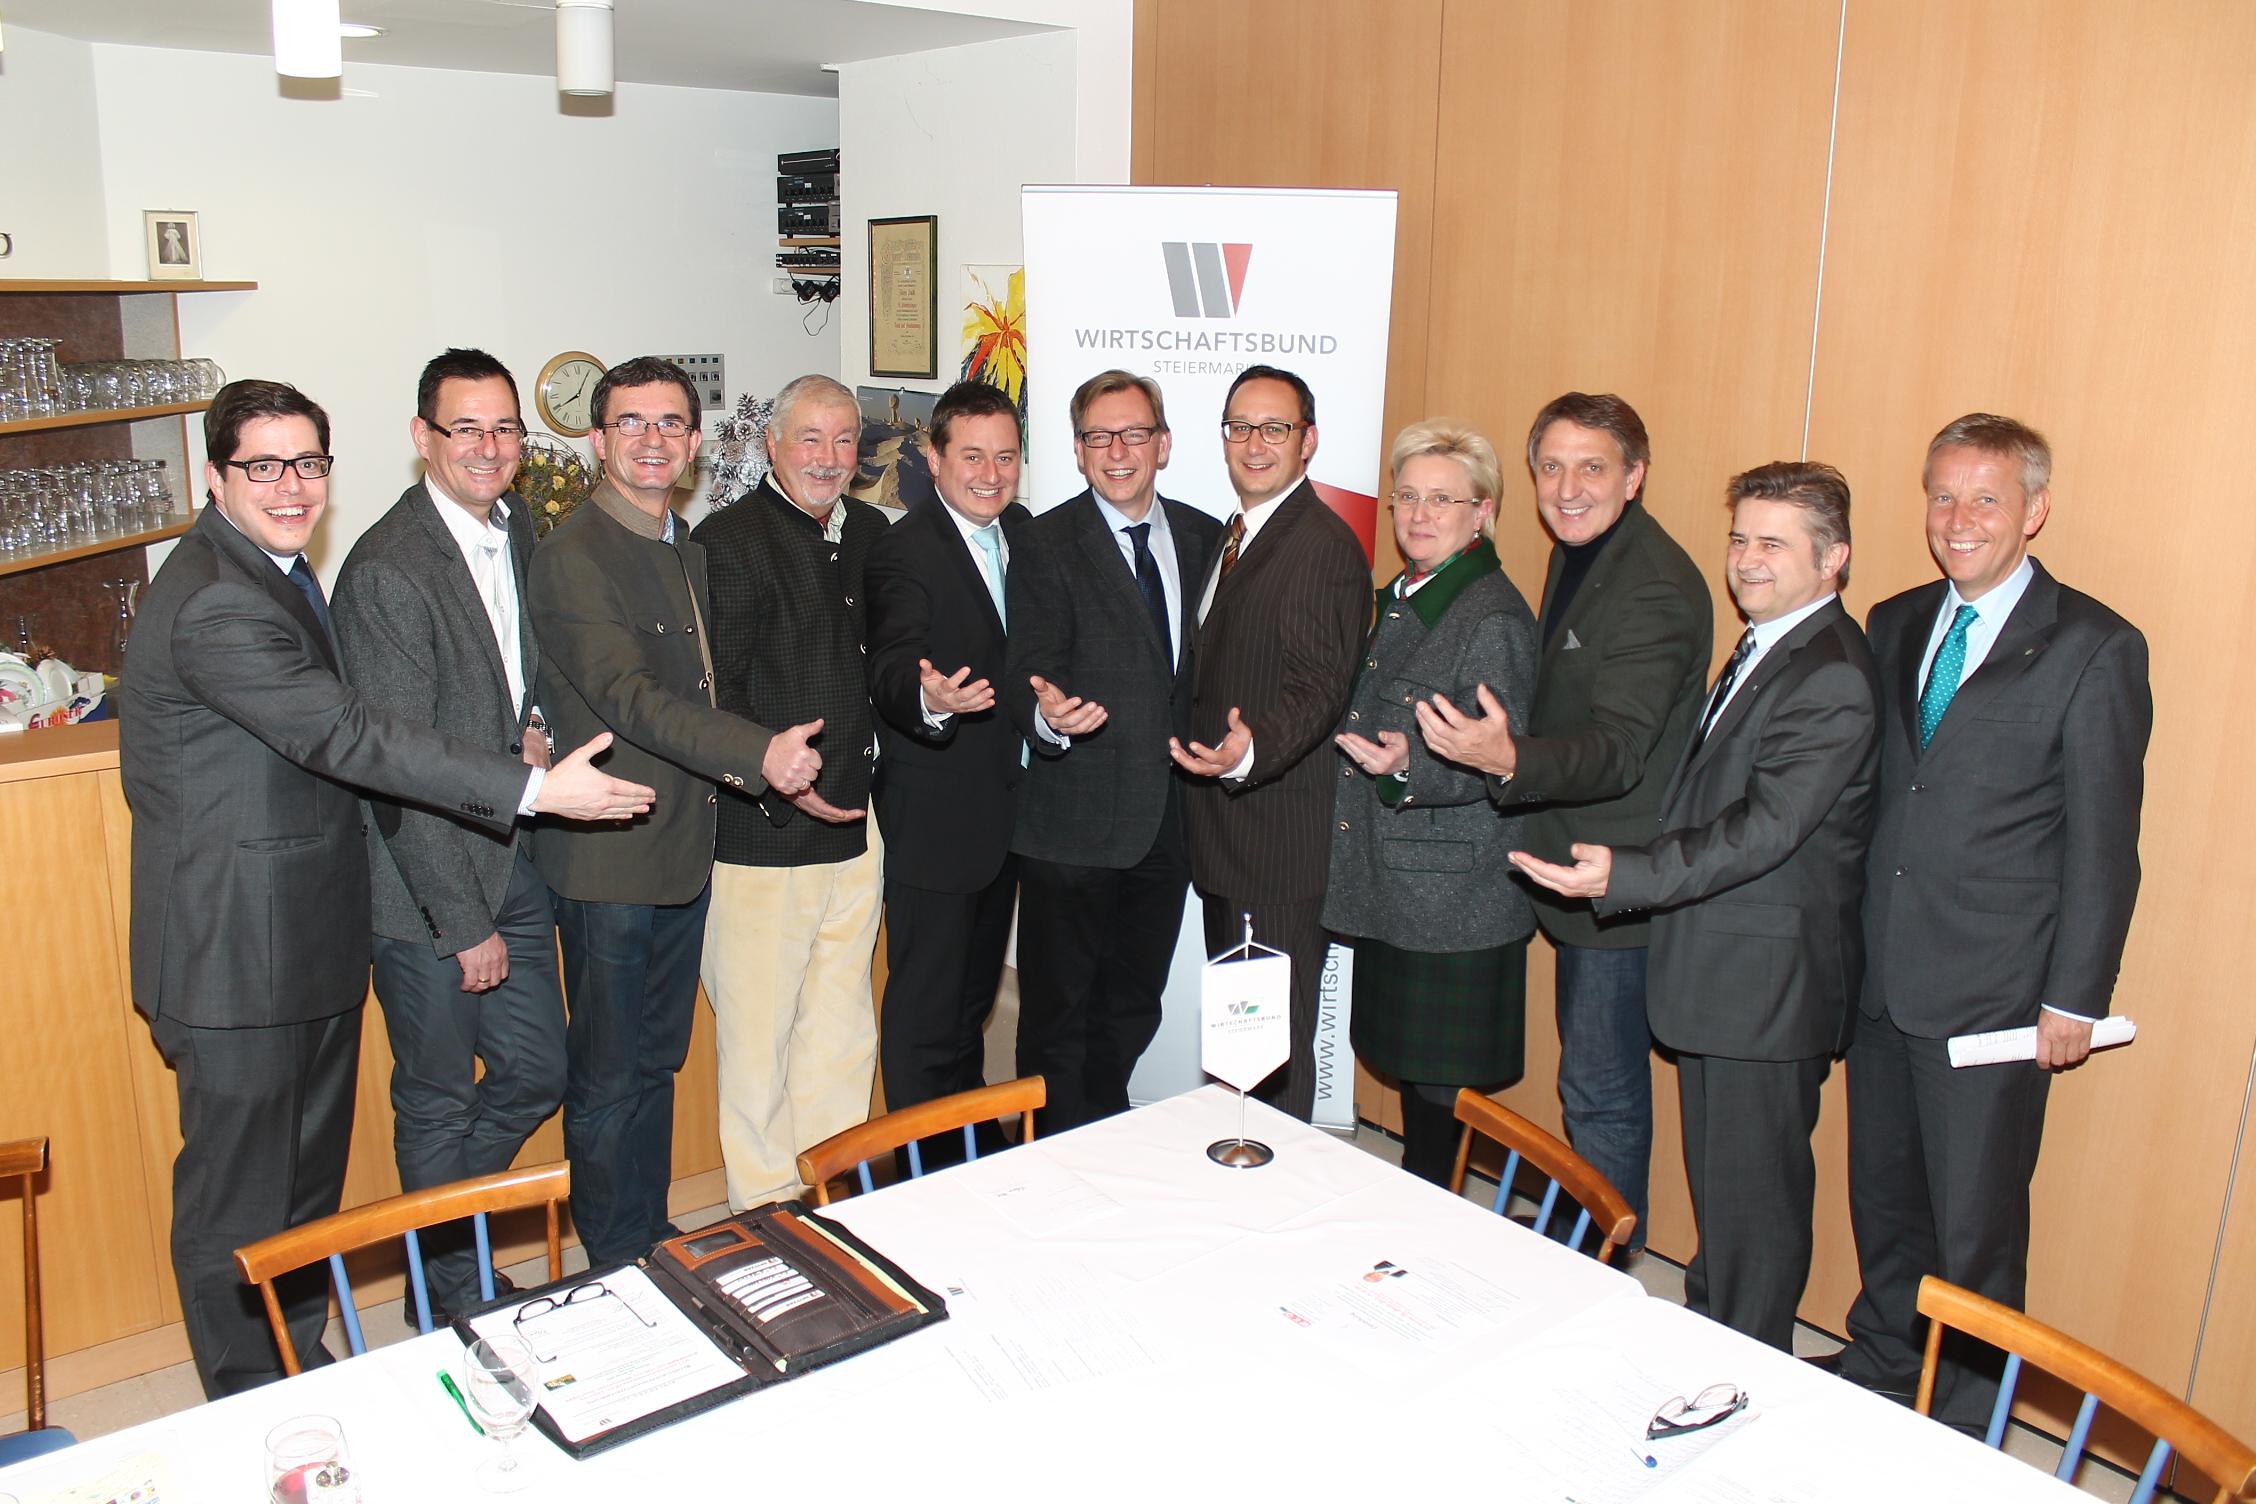 (c) BMeiA, Wirtschaftsbund-Bezirksobmann Jochen Pack im Kreis der Spitzenfunkionäre und Ehrengäste